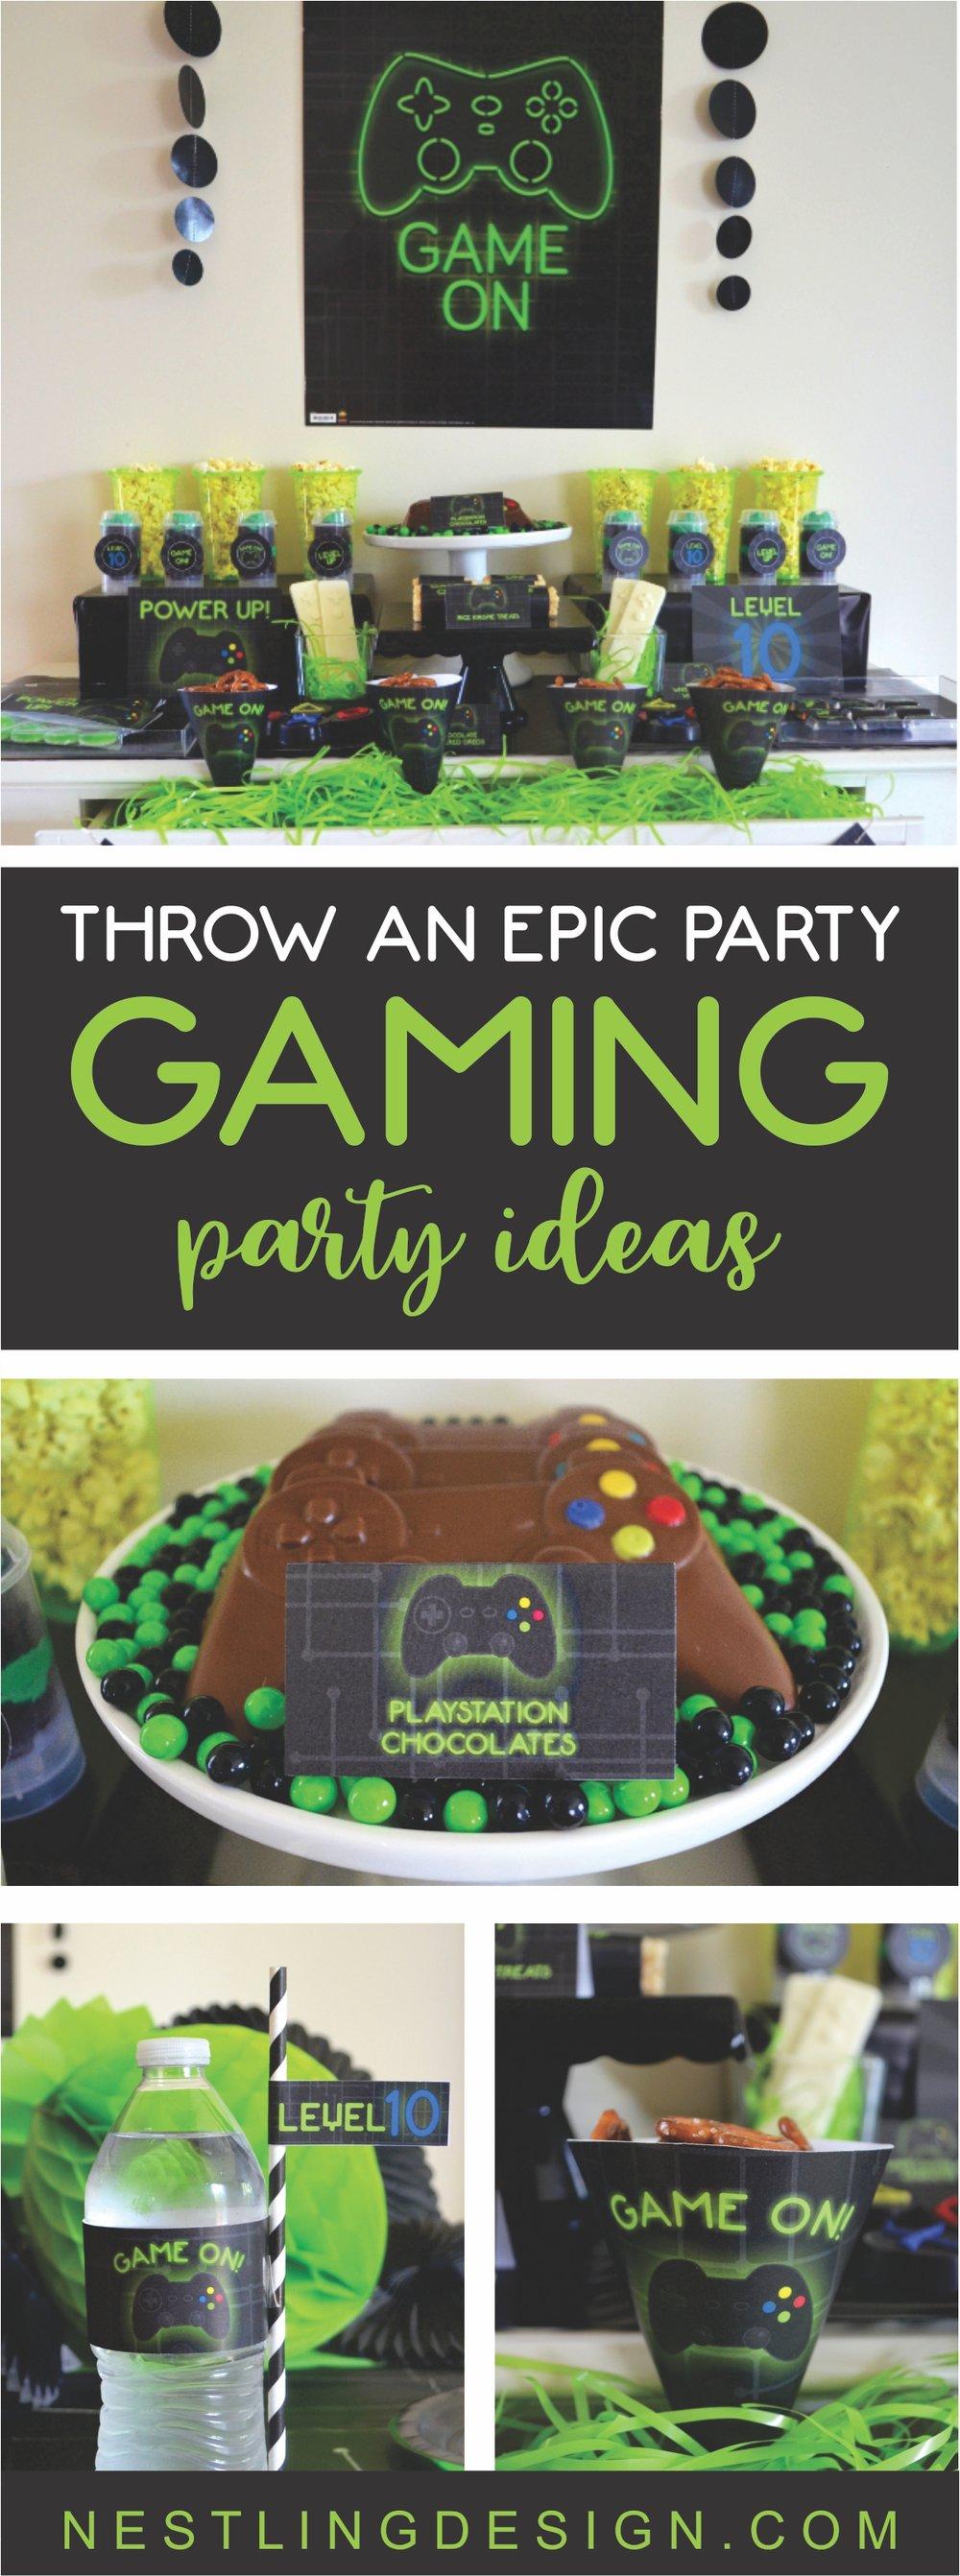 Epic Gaming Party Ideas | NestlingDesign.com